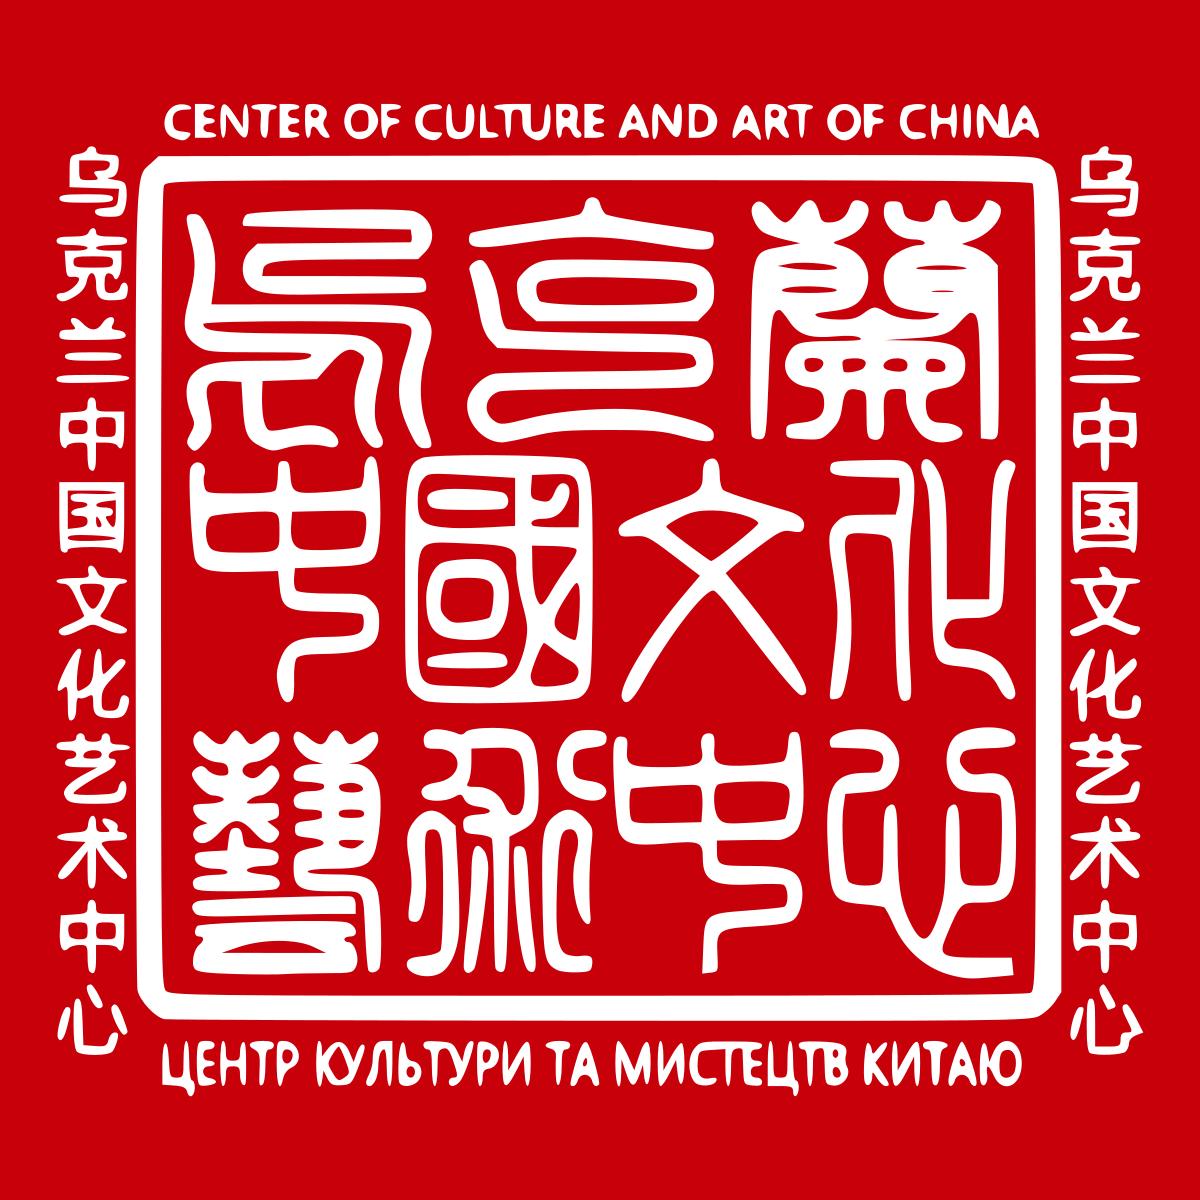 Центр Культури та Мистецтв Китаю